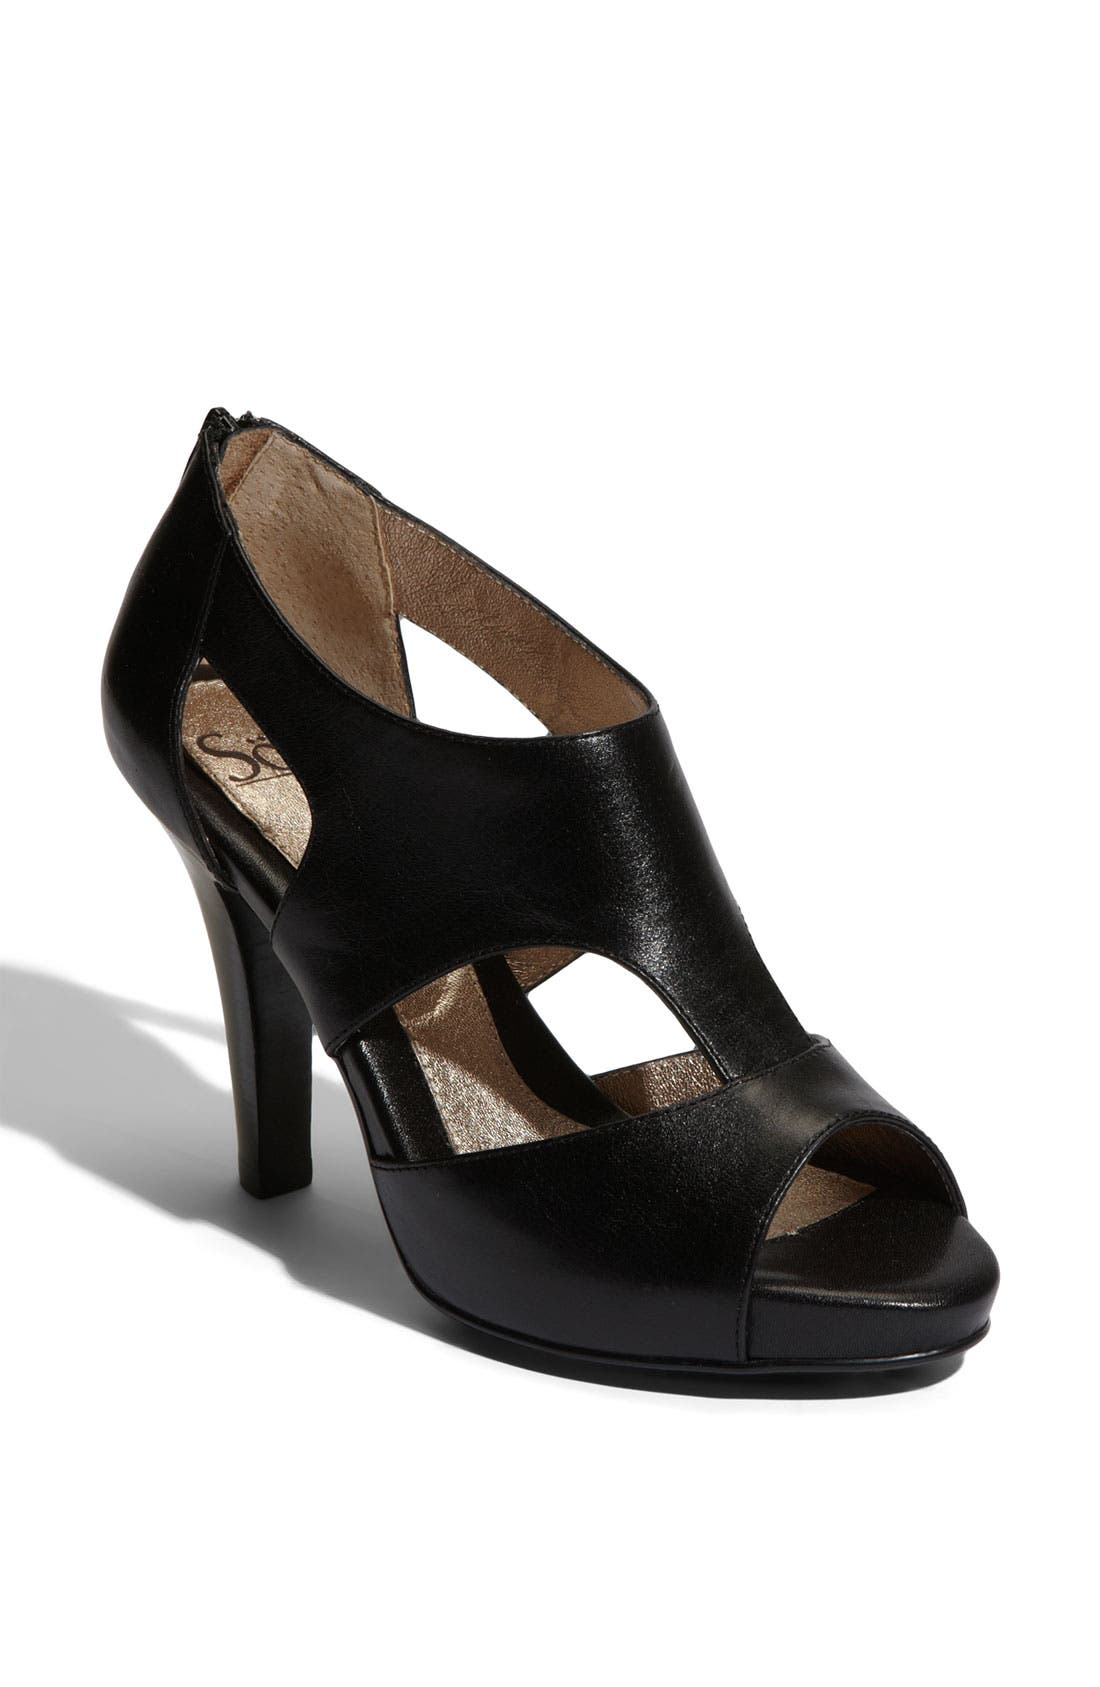 SÖFFT 'Pavia' Sandal, Main, color, 001